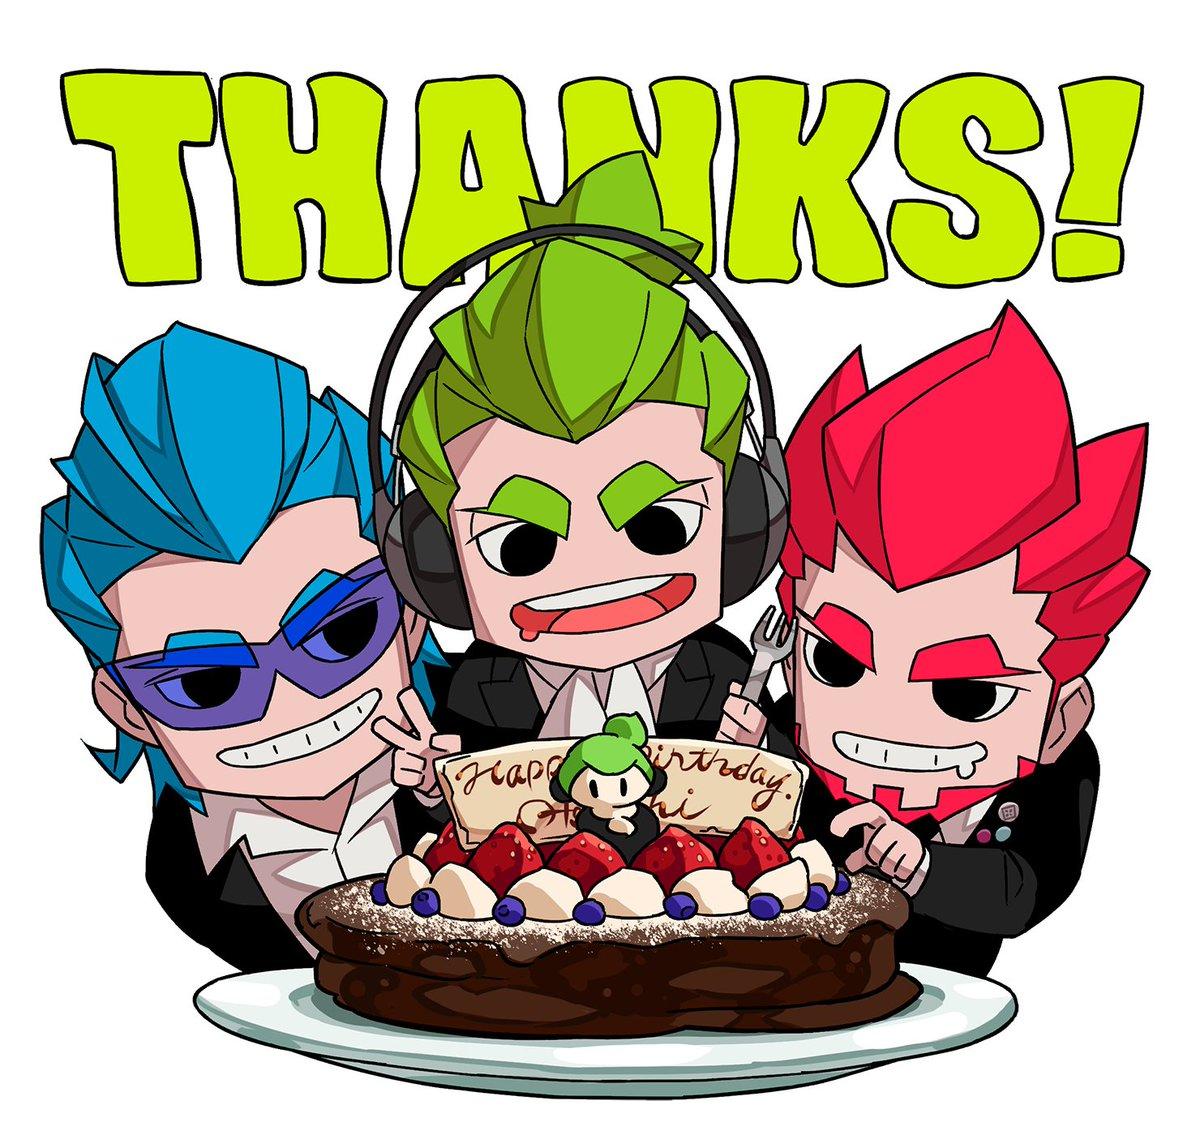 沢山のお祝いのコメント、ツイート誠にありがとうございます